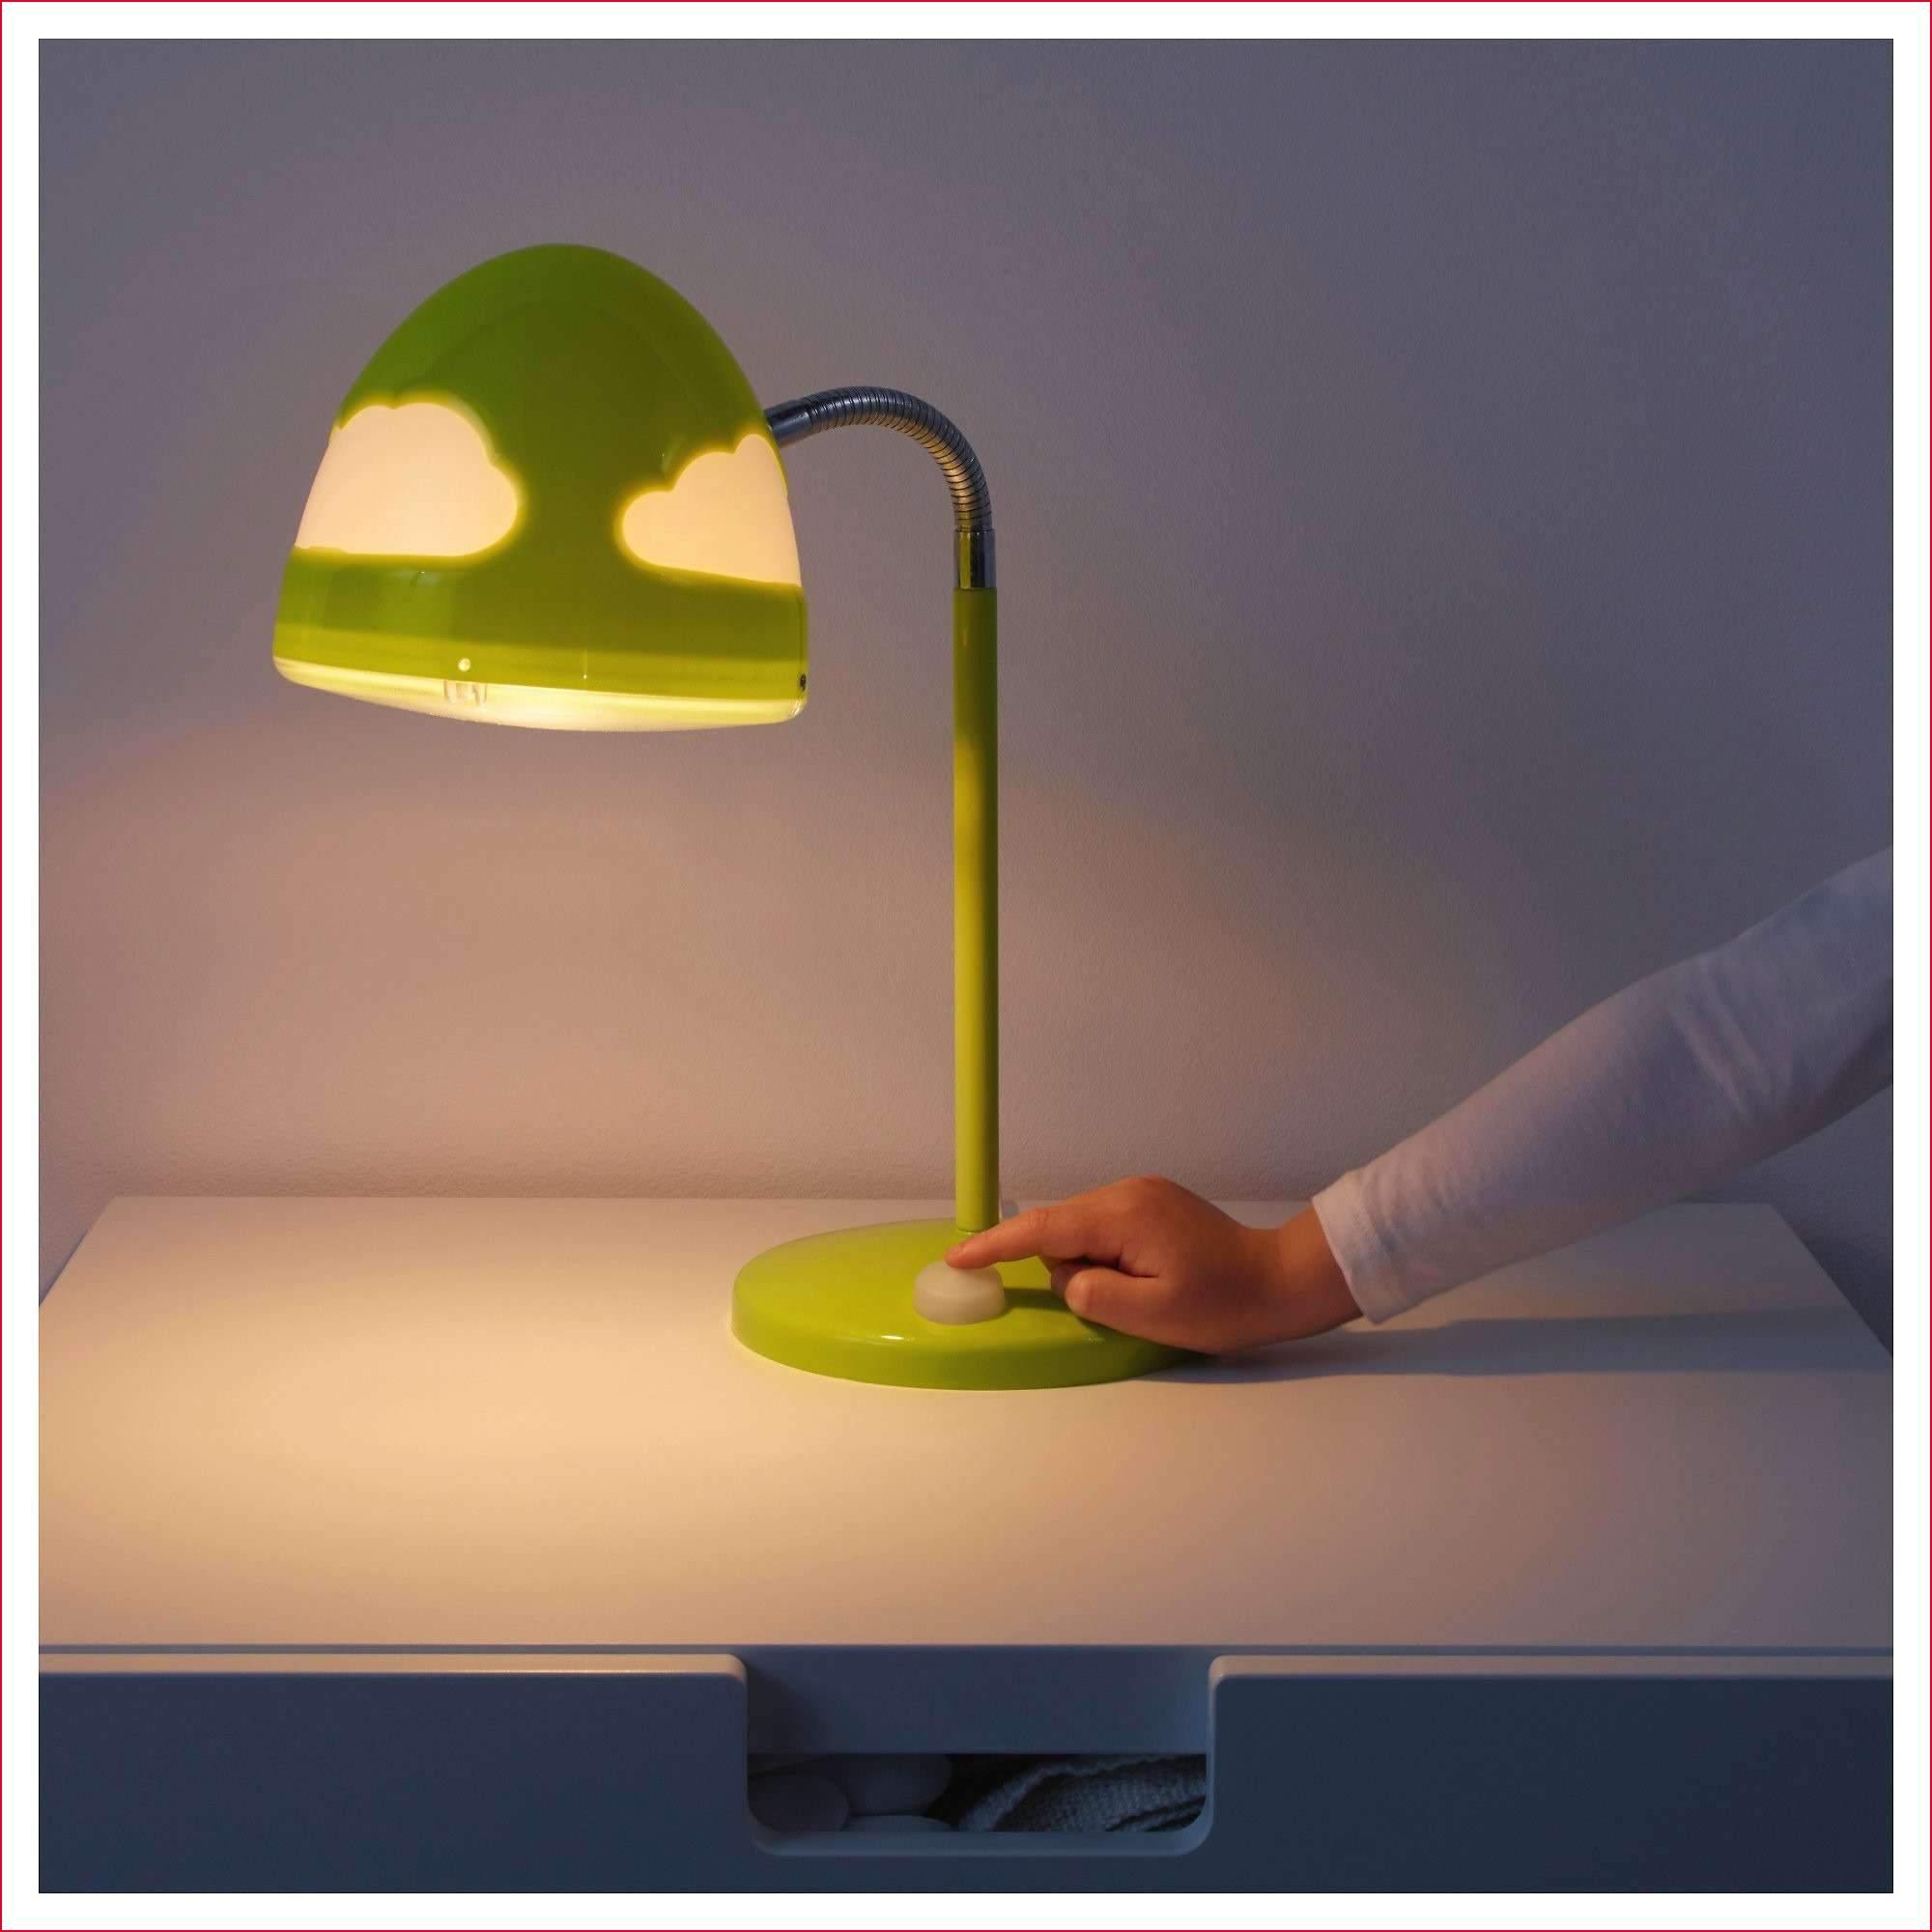 led lampe wohnzimmer genial wege zu garten lampe fotos von garten dekorativ of led lampe wohnzimmer